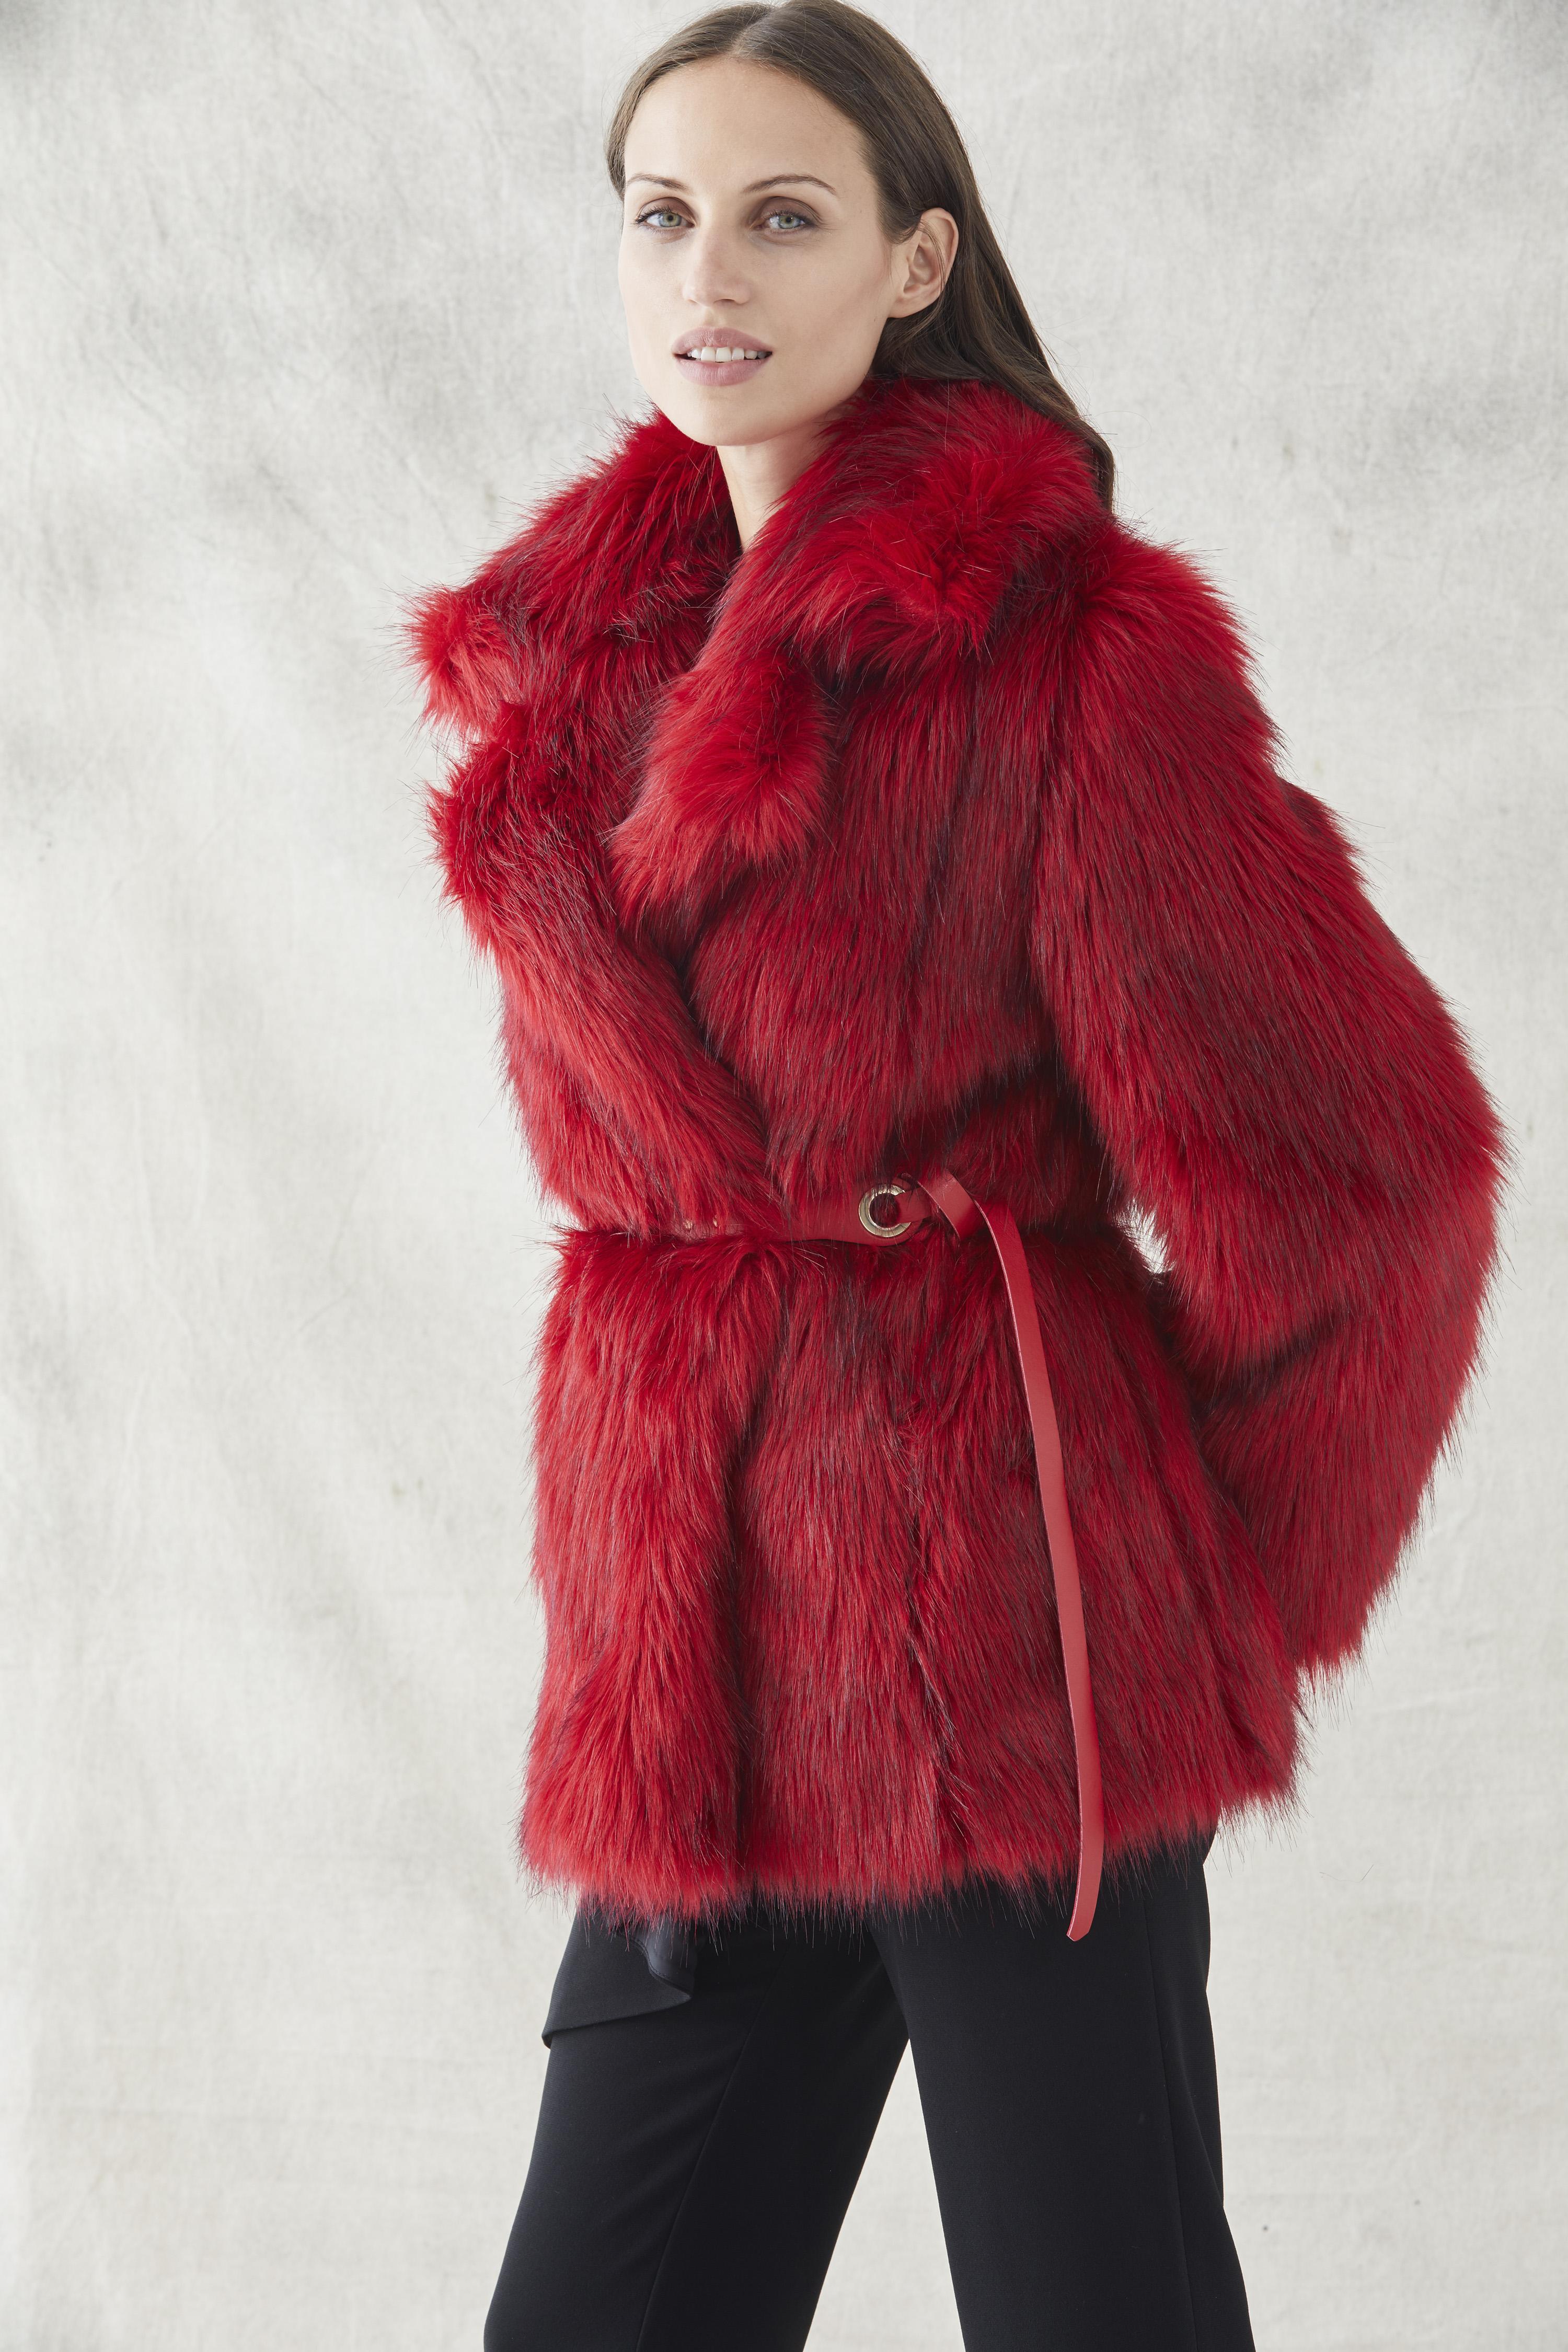 abrigo rojo de pelo sintetico ideal para invierno de apparentia